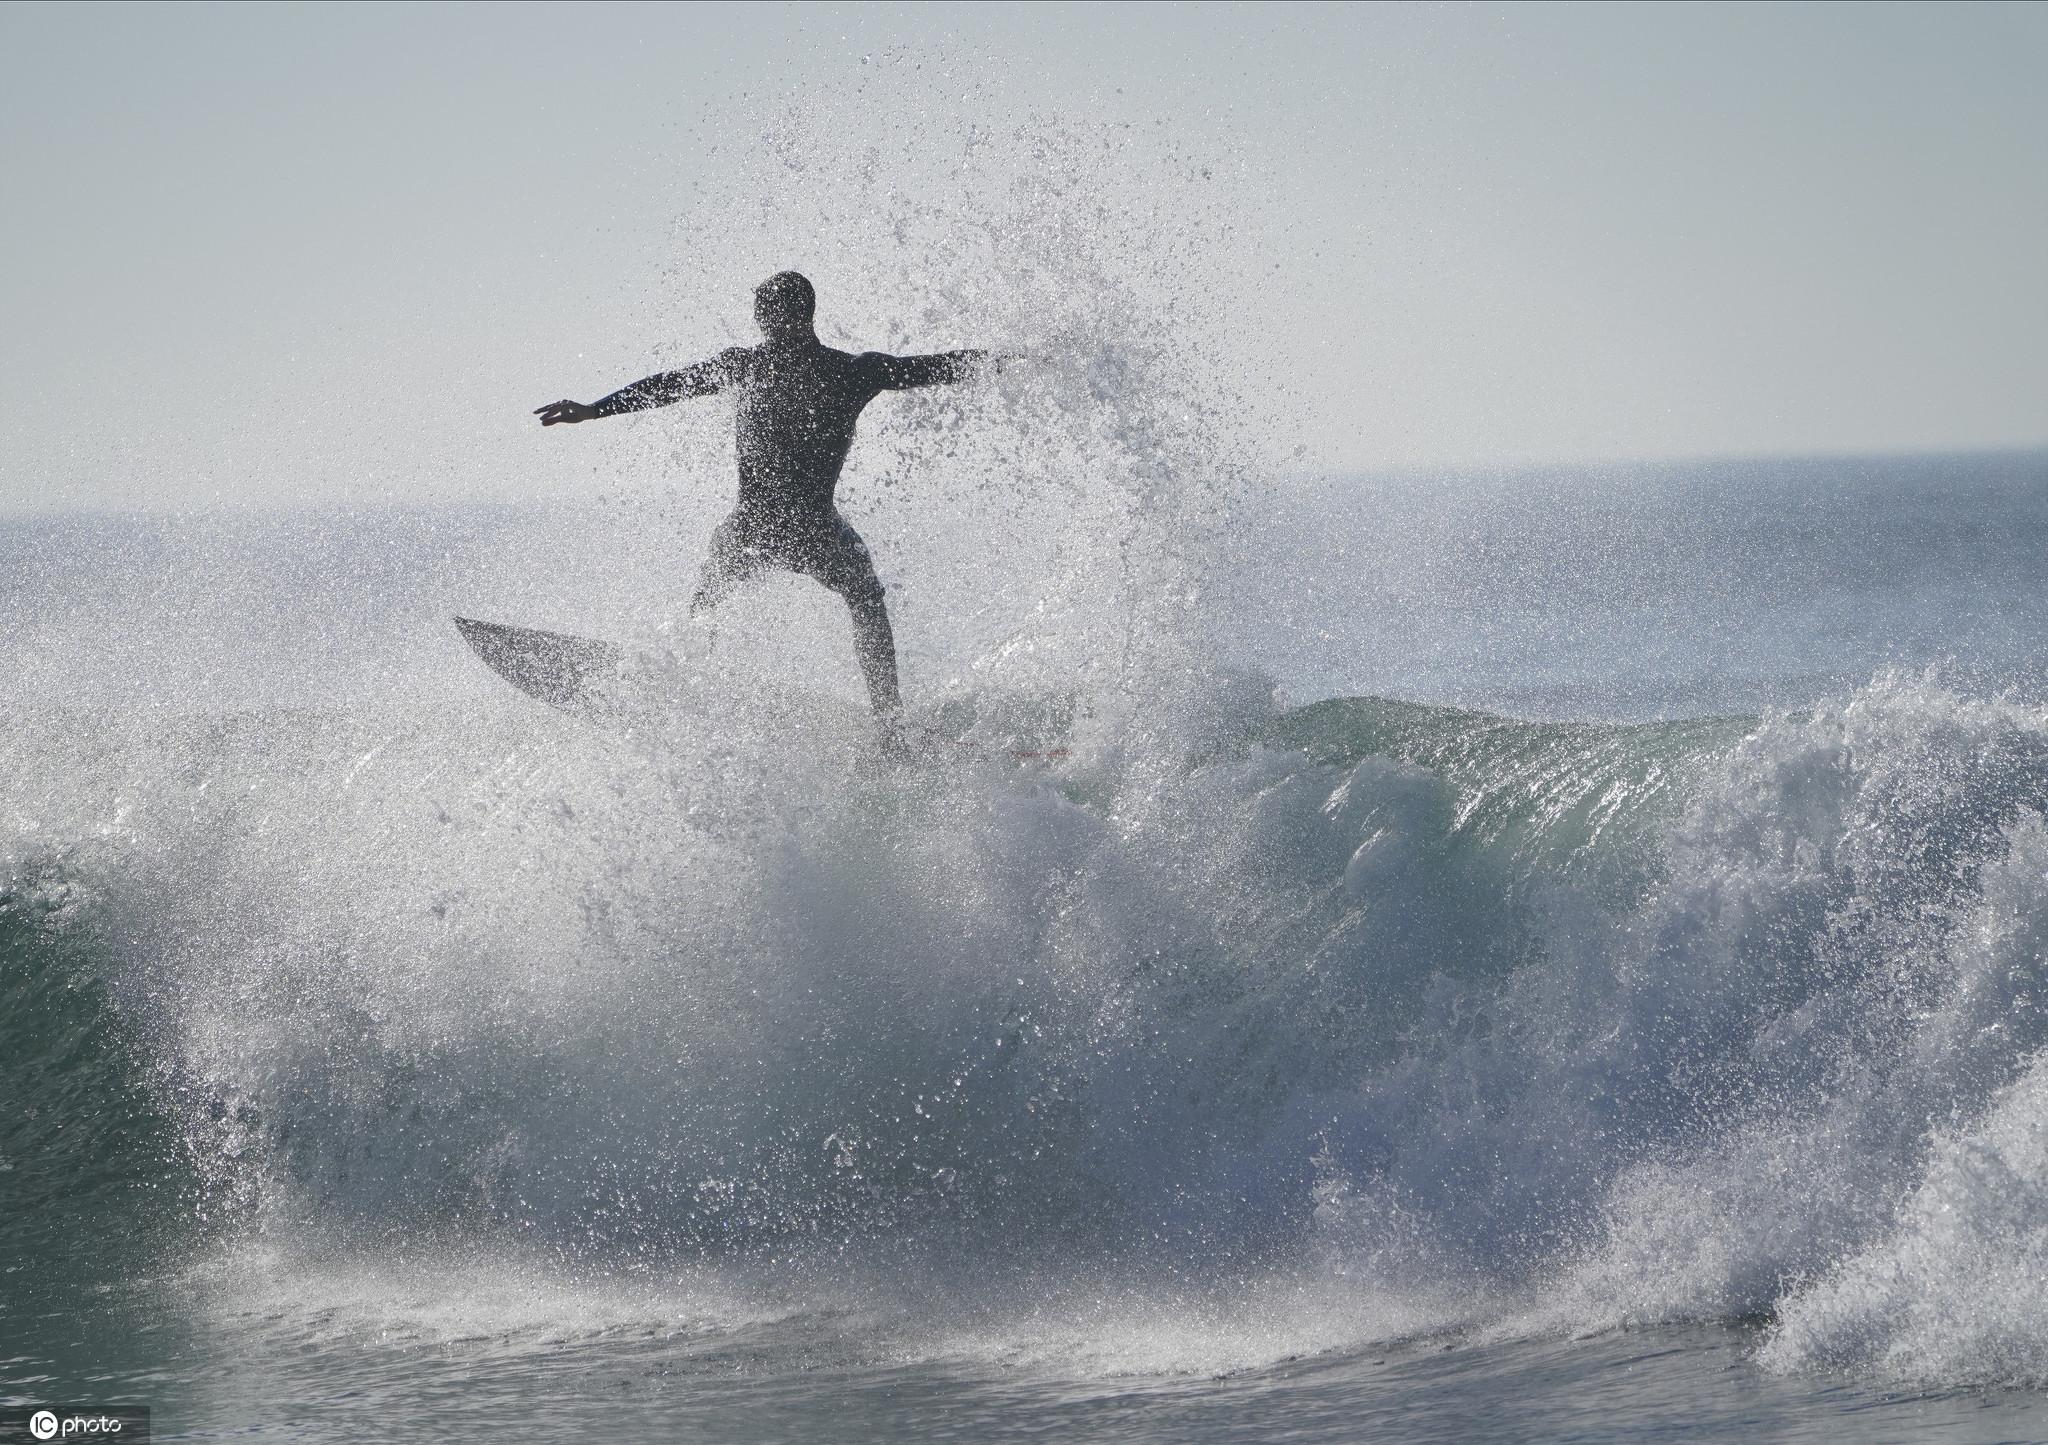 超級大潮侵襲美國加州海岸 沖浪者與巨浪勇敢搏鬥-圖4